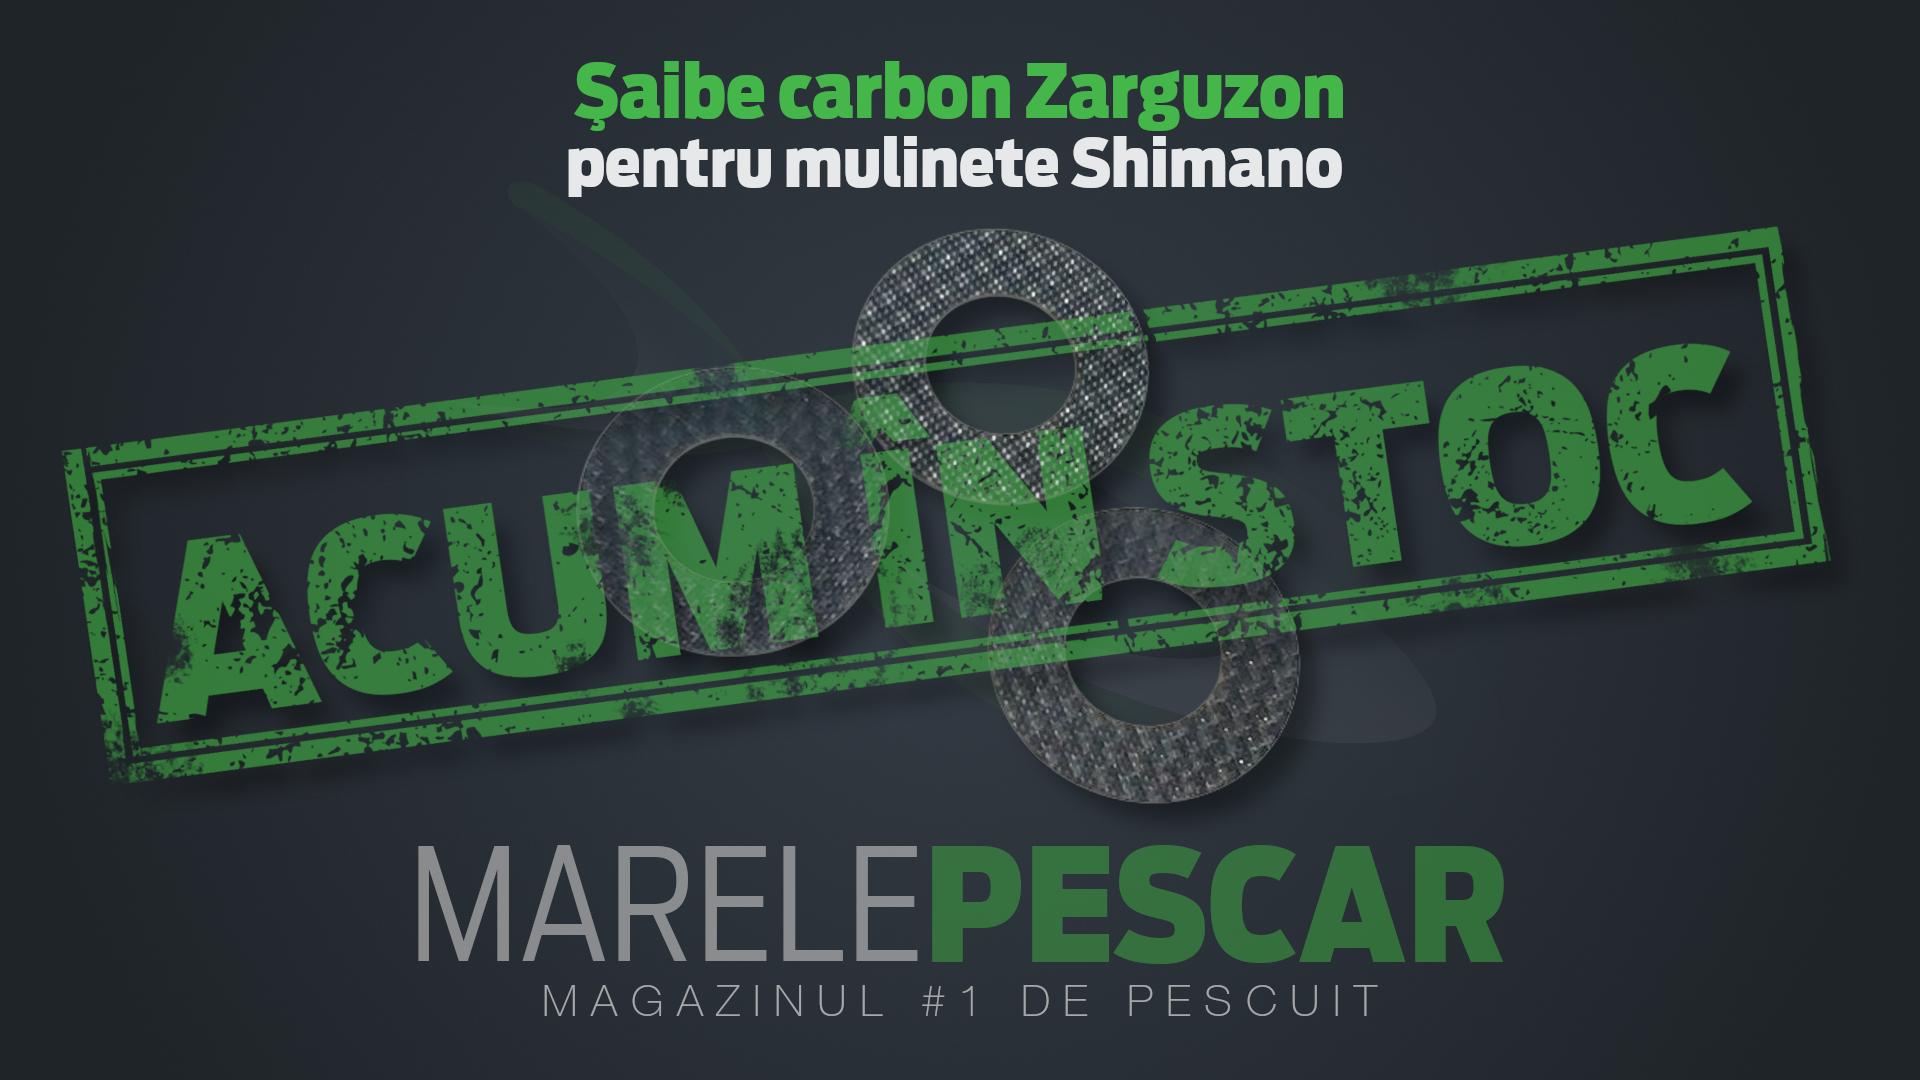 Set șaibe carbon Zarguzon pentru mulinete Shimano (acum în stoc)